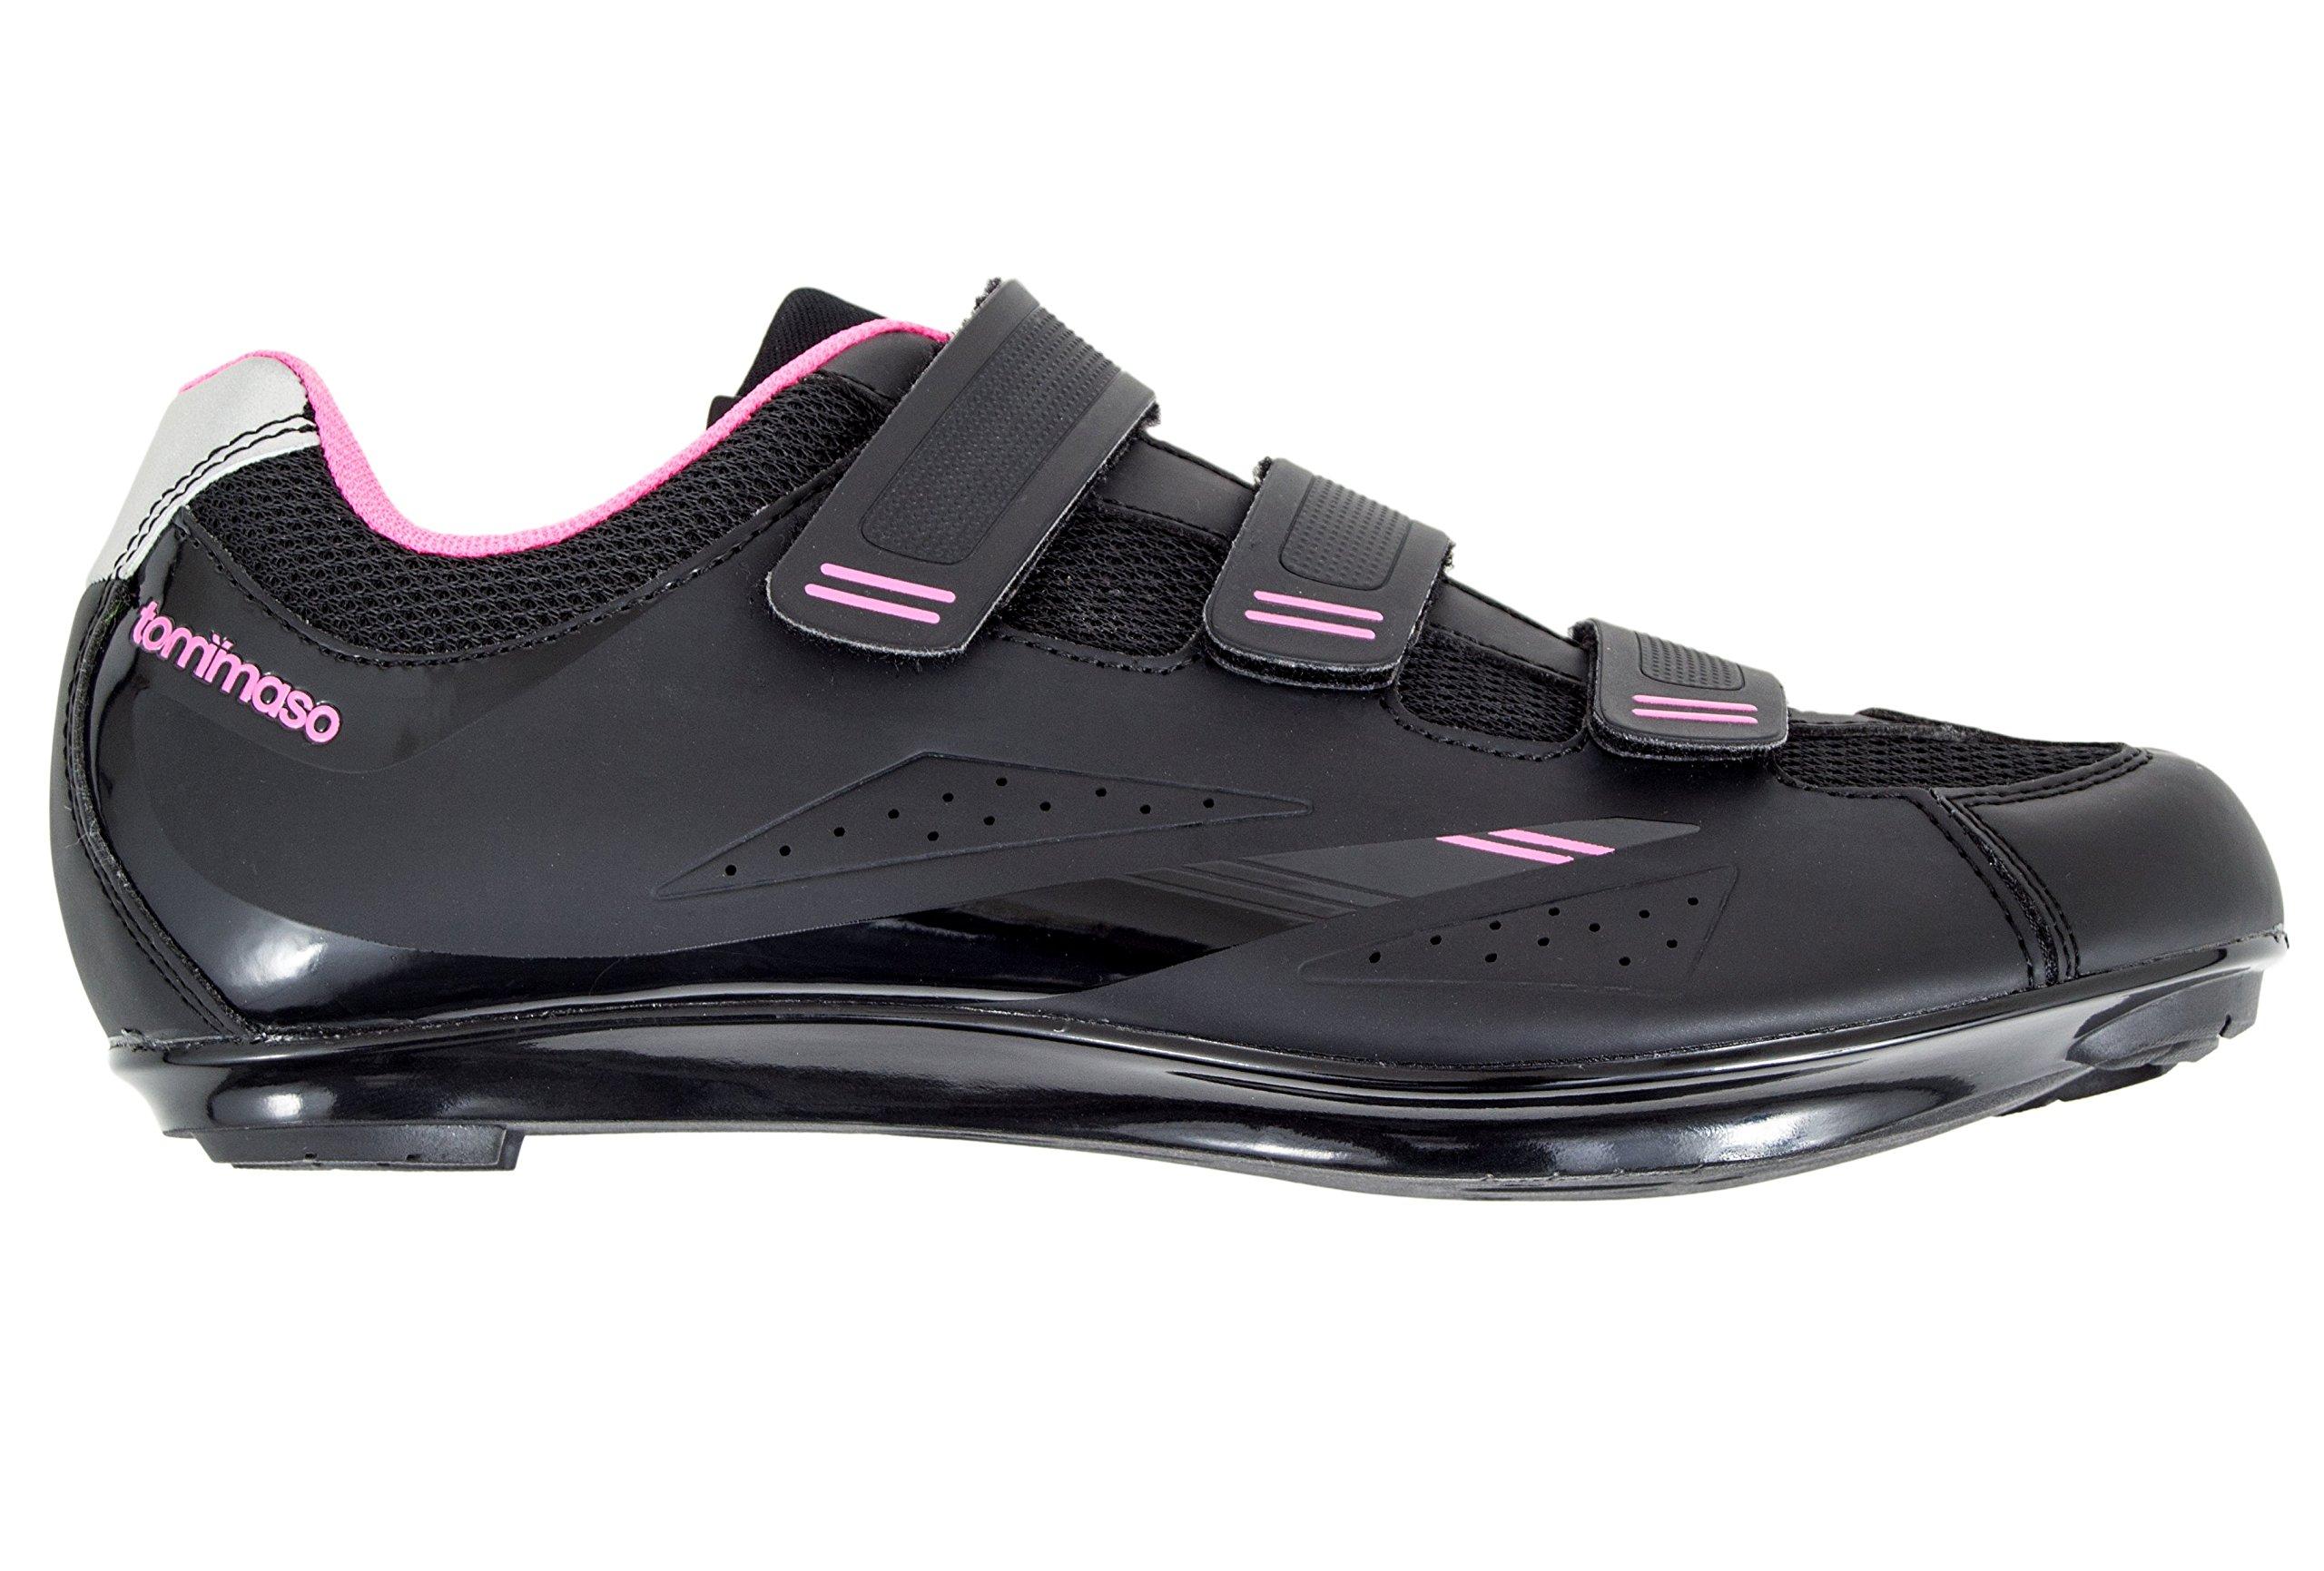 Tommaso Pista Women's Spin Class Ready Cycling Shoe - Black/Pink - Look Delta - 38 by Tommaso (Image #2)